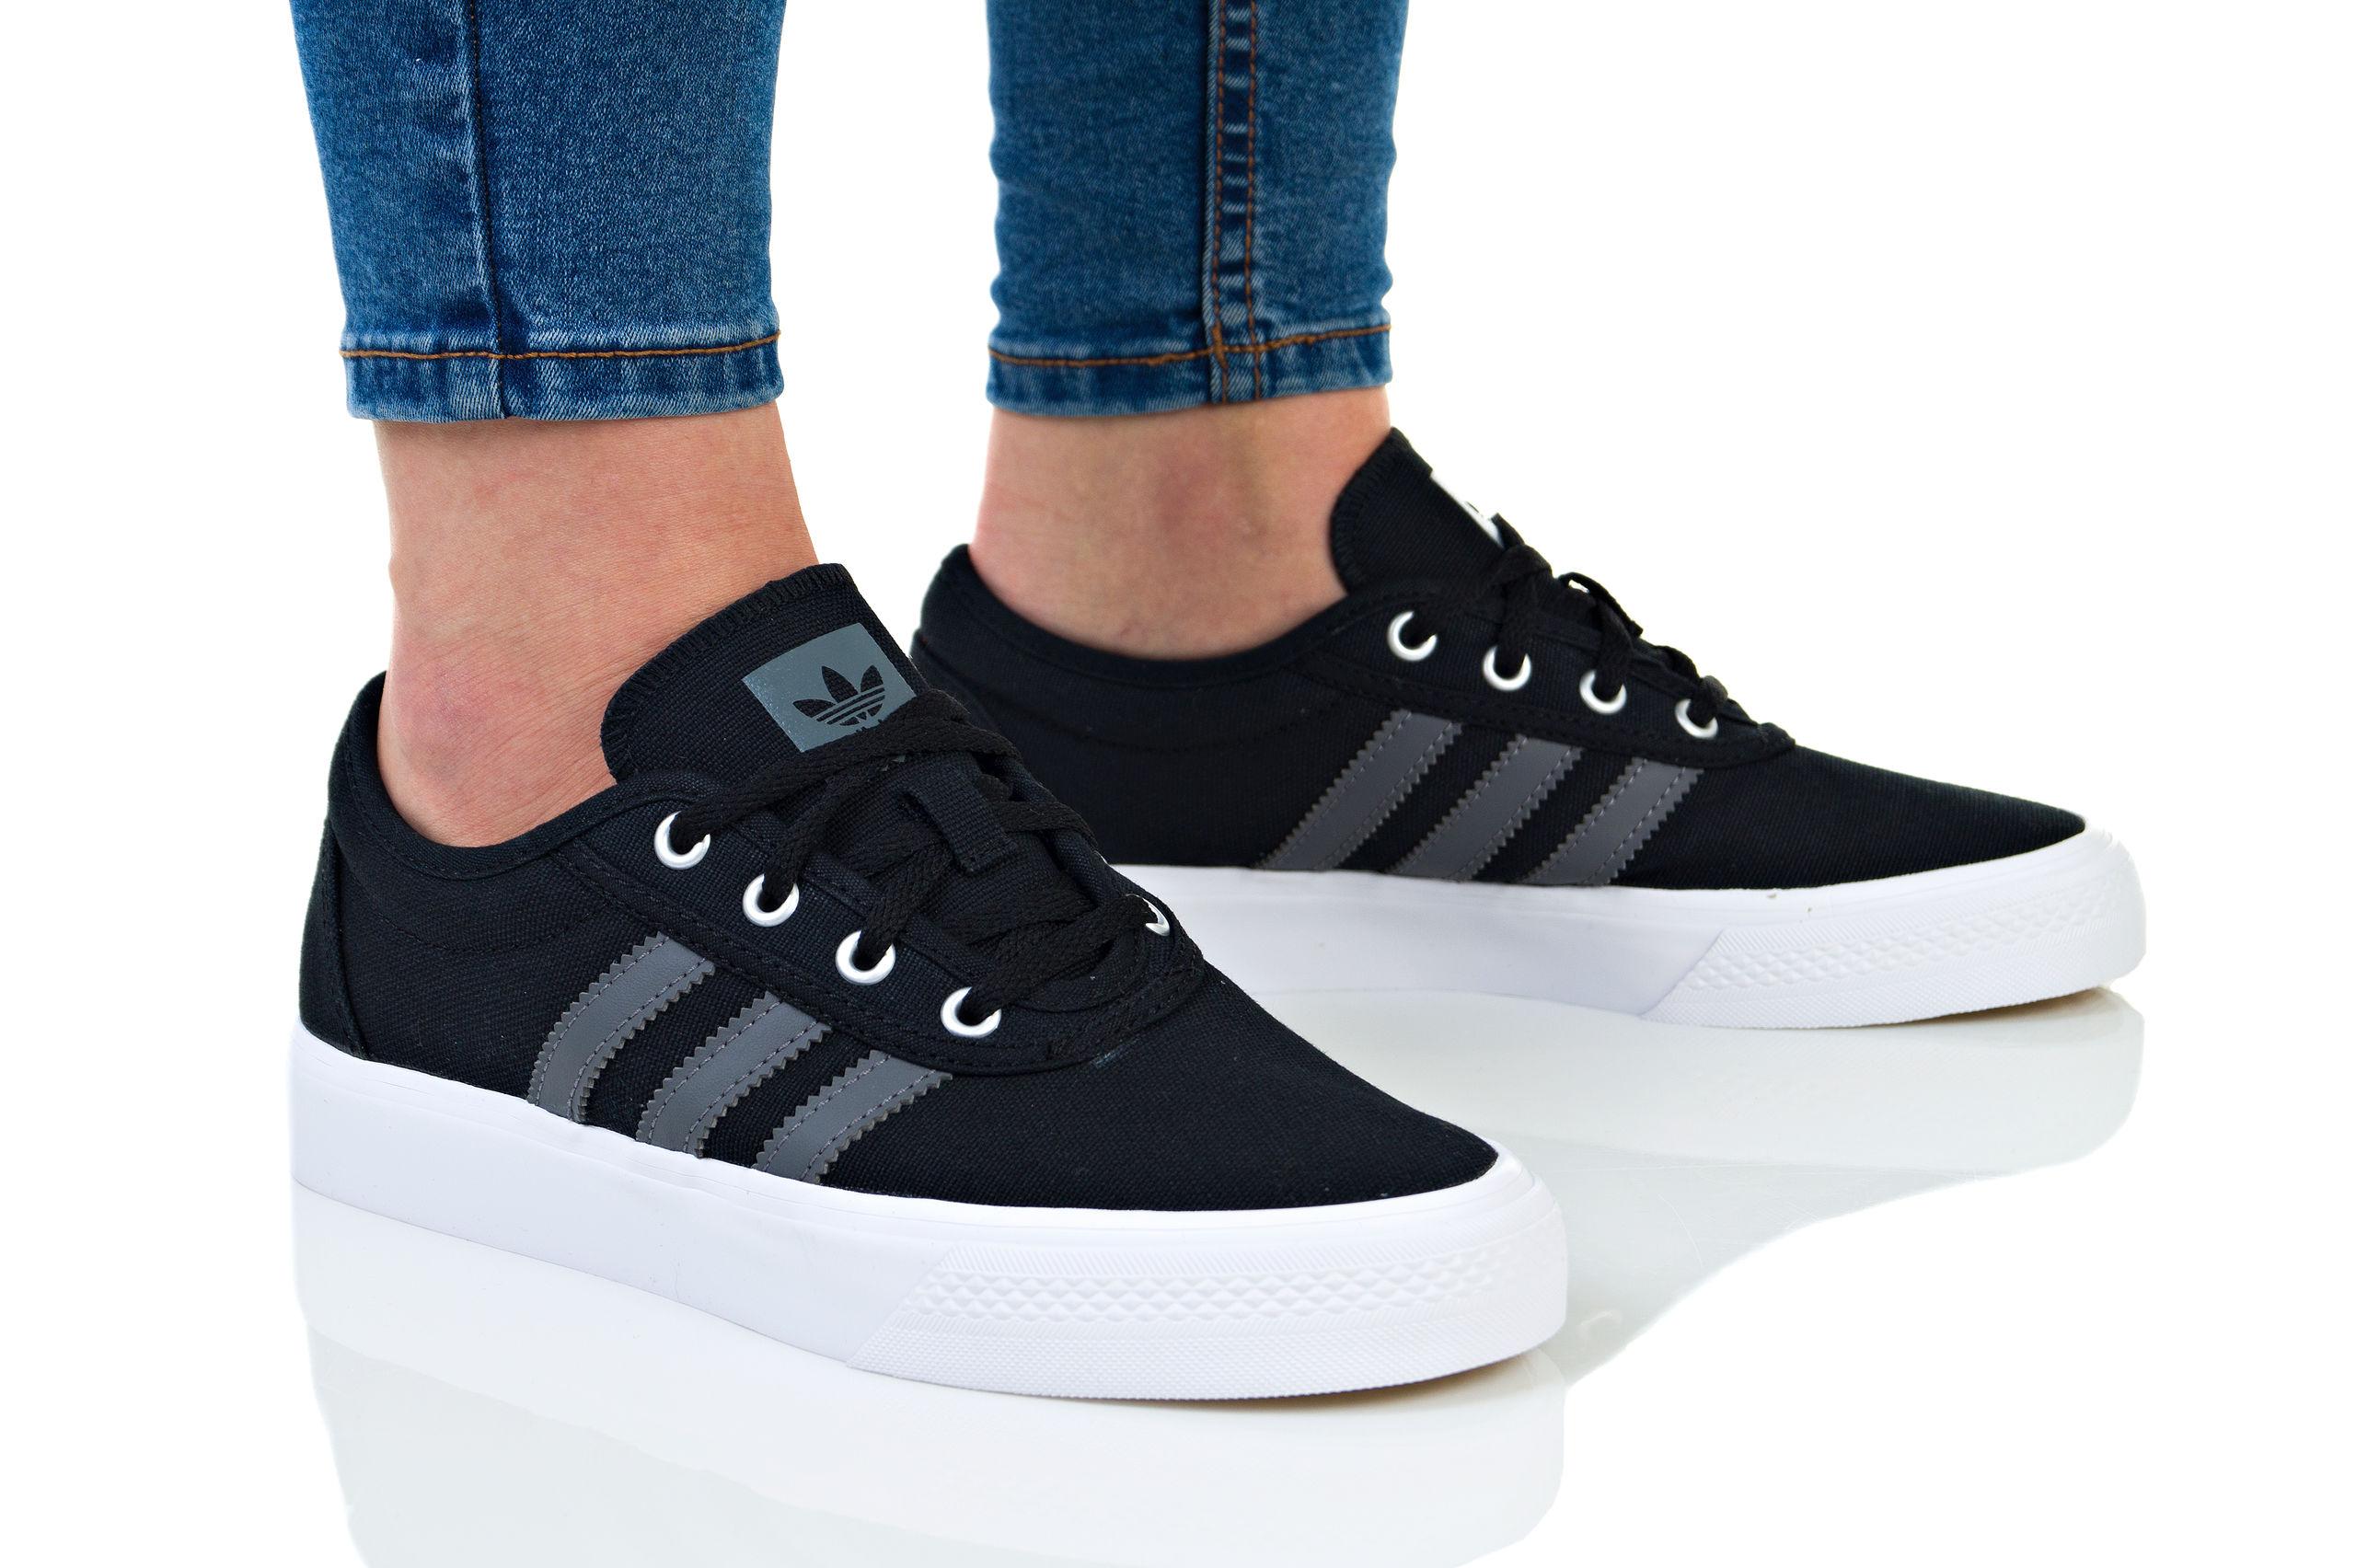 najlepsza moda rozmiar 7 obuwie BUTY ADIDAS ADI-EASE J B27802 TRAMPKI R. 37 1/3 - 7448072798 ...